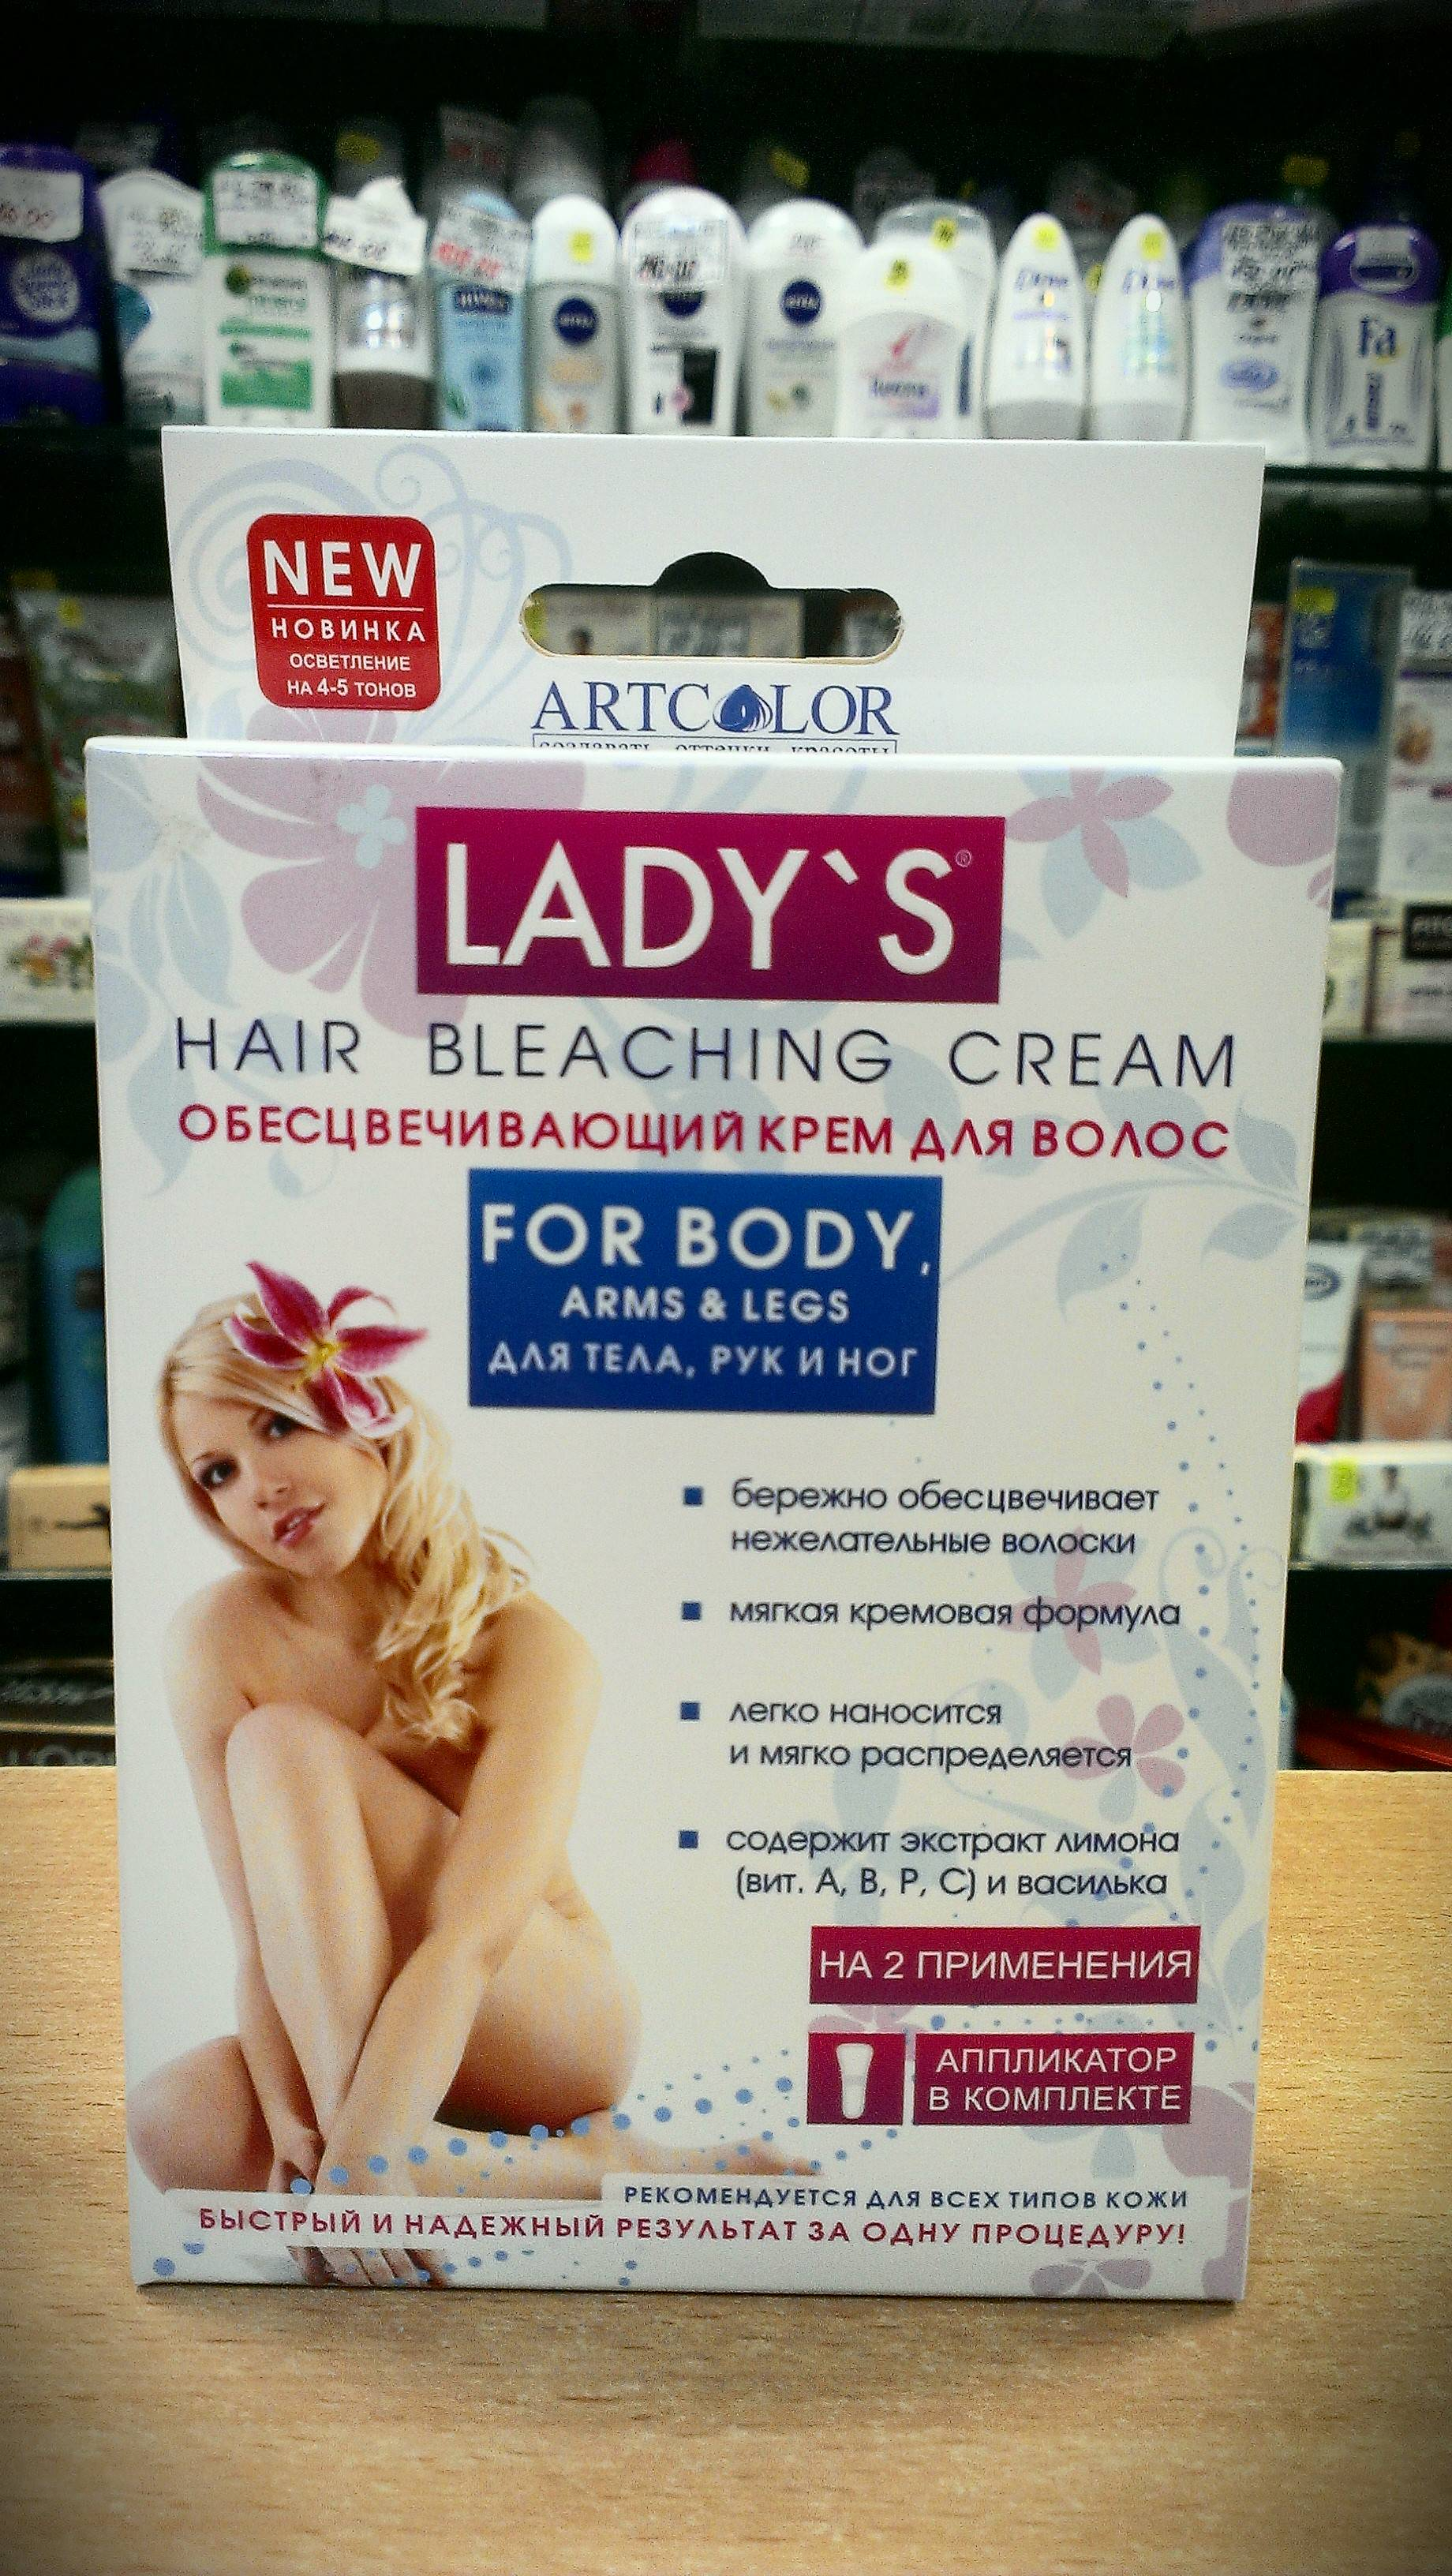 С помощью чего можно осветлить волосы на теле?